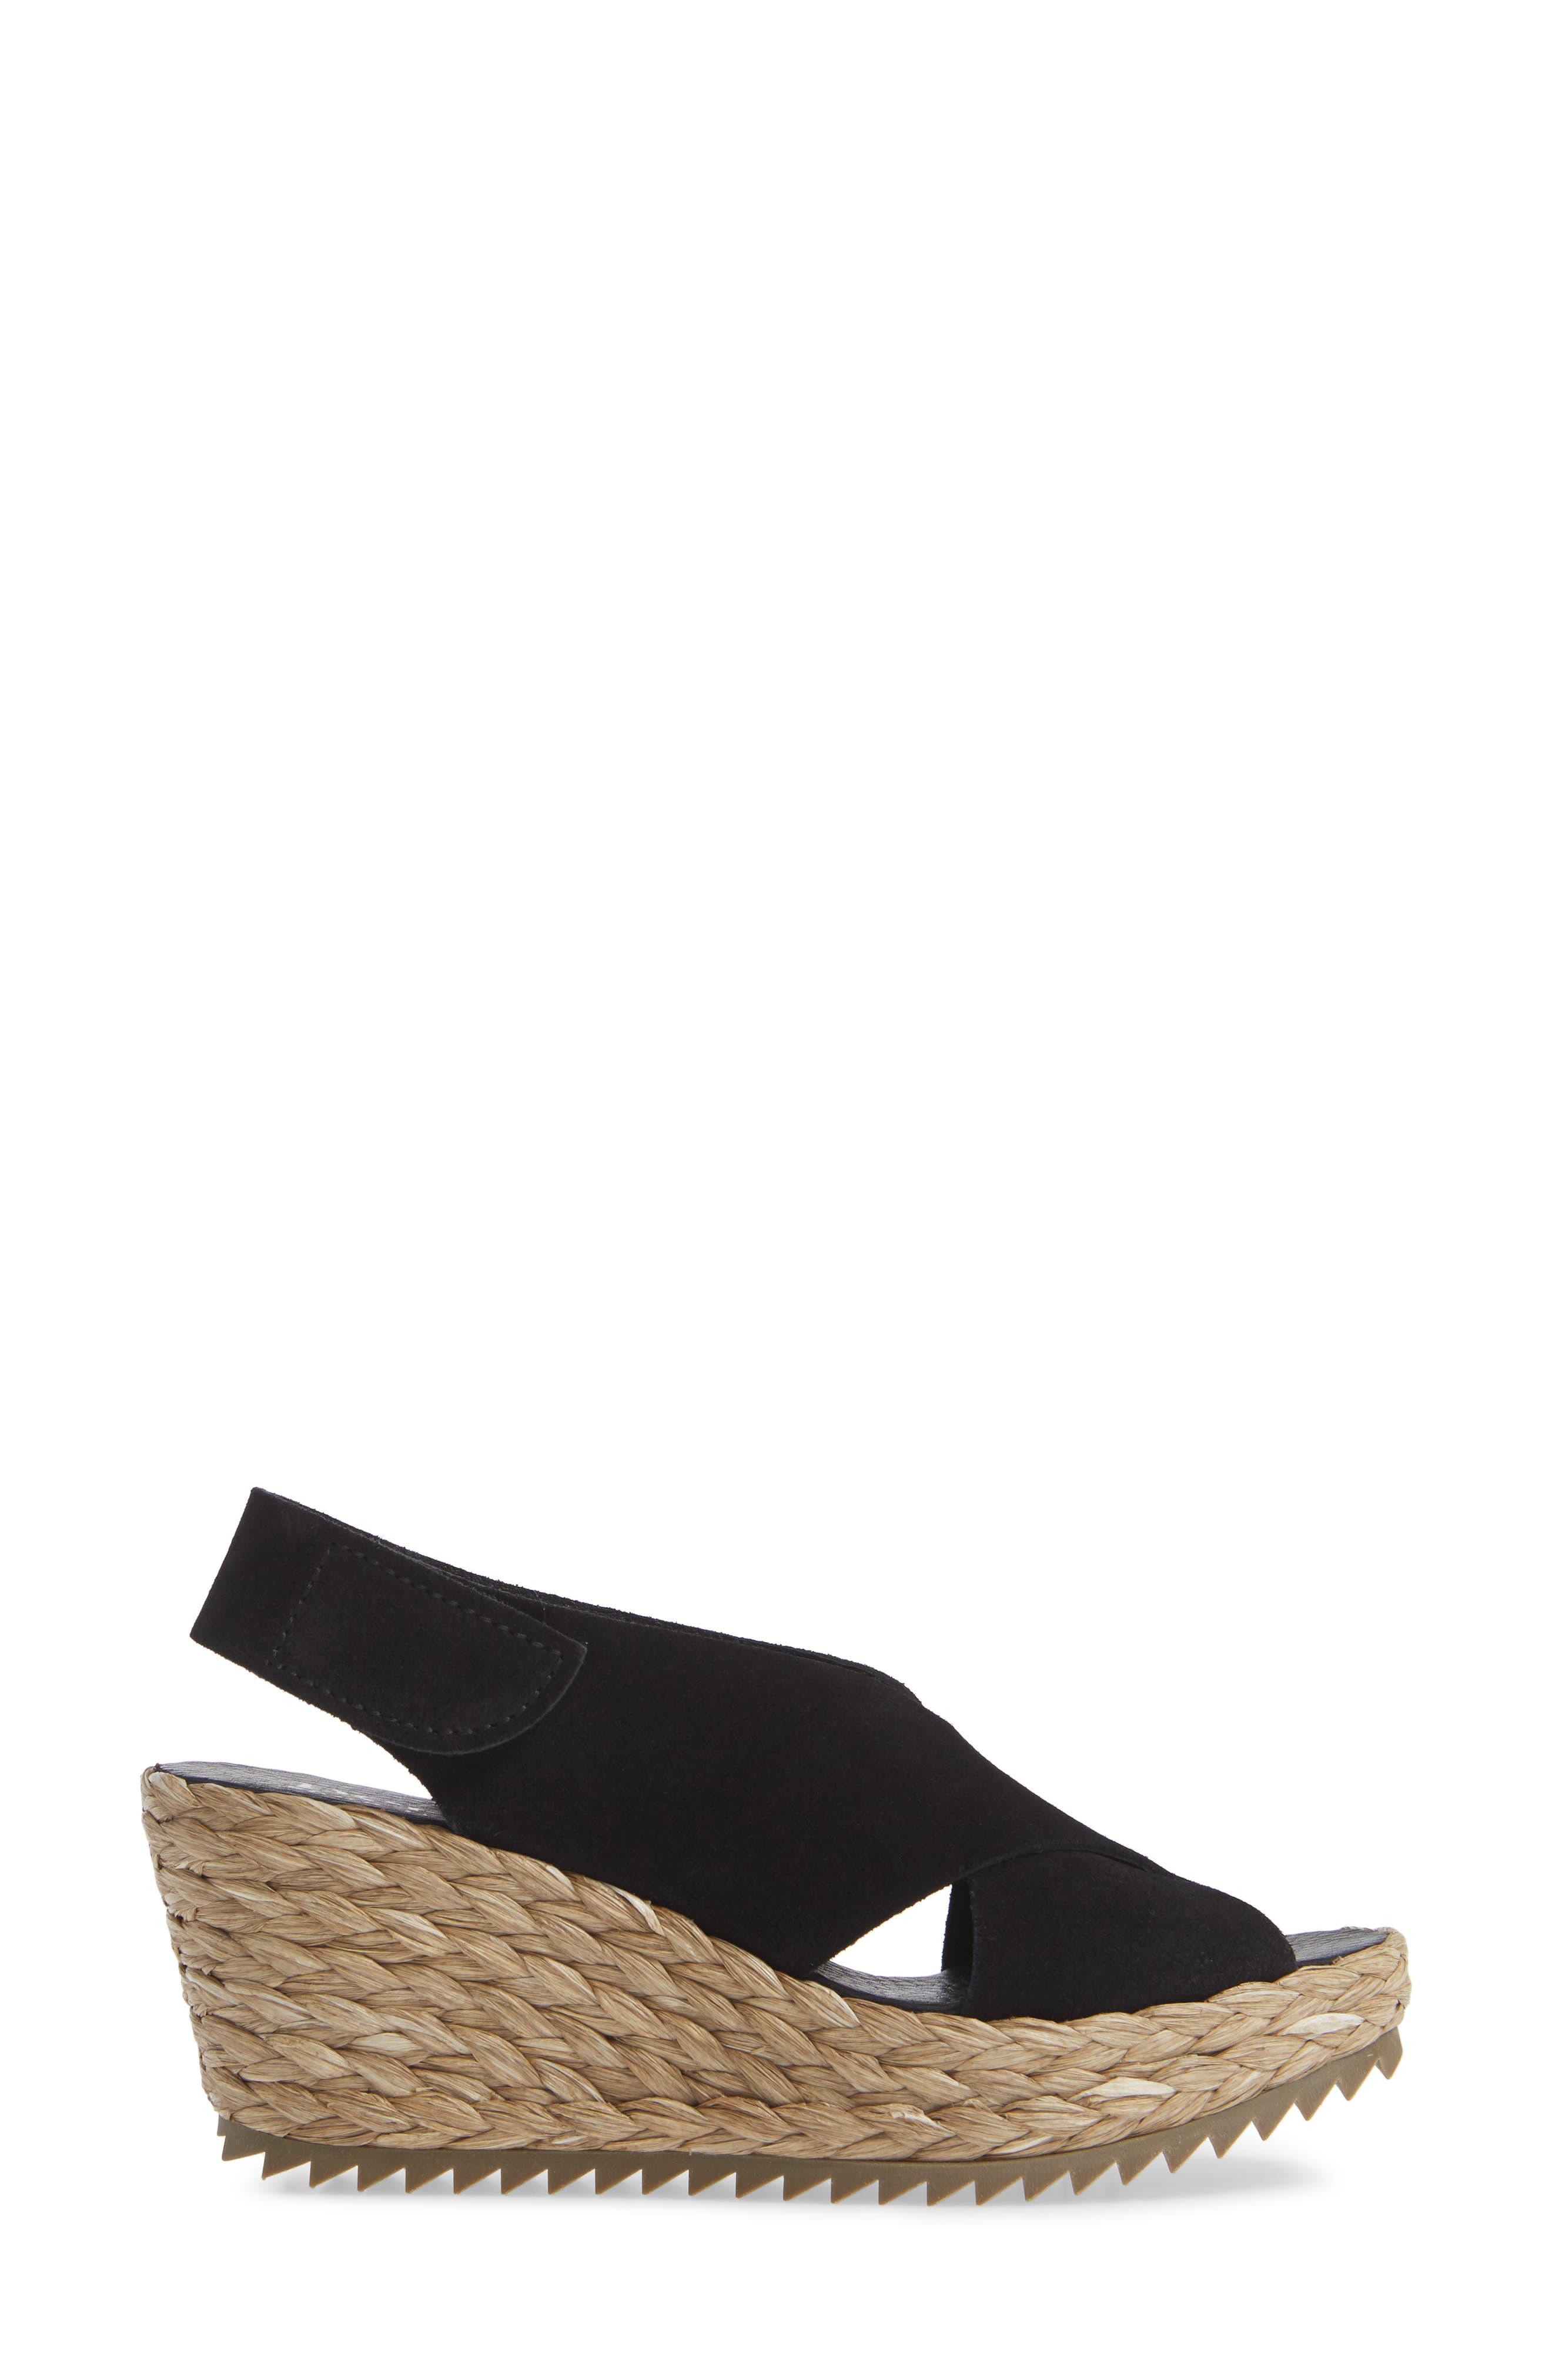 'Federica' Wedge Sandal,                             Alternate thumbnail 3, color,                             BLACK CASTORO/ RAFFIA